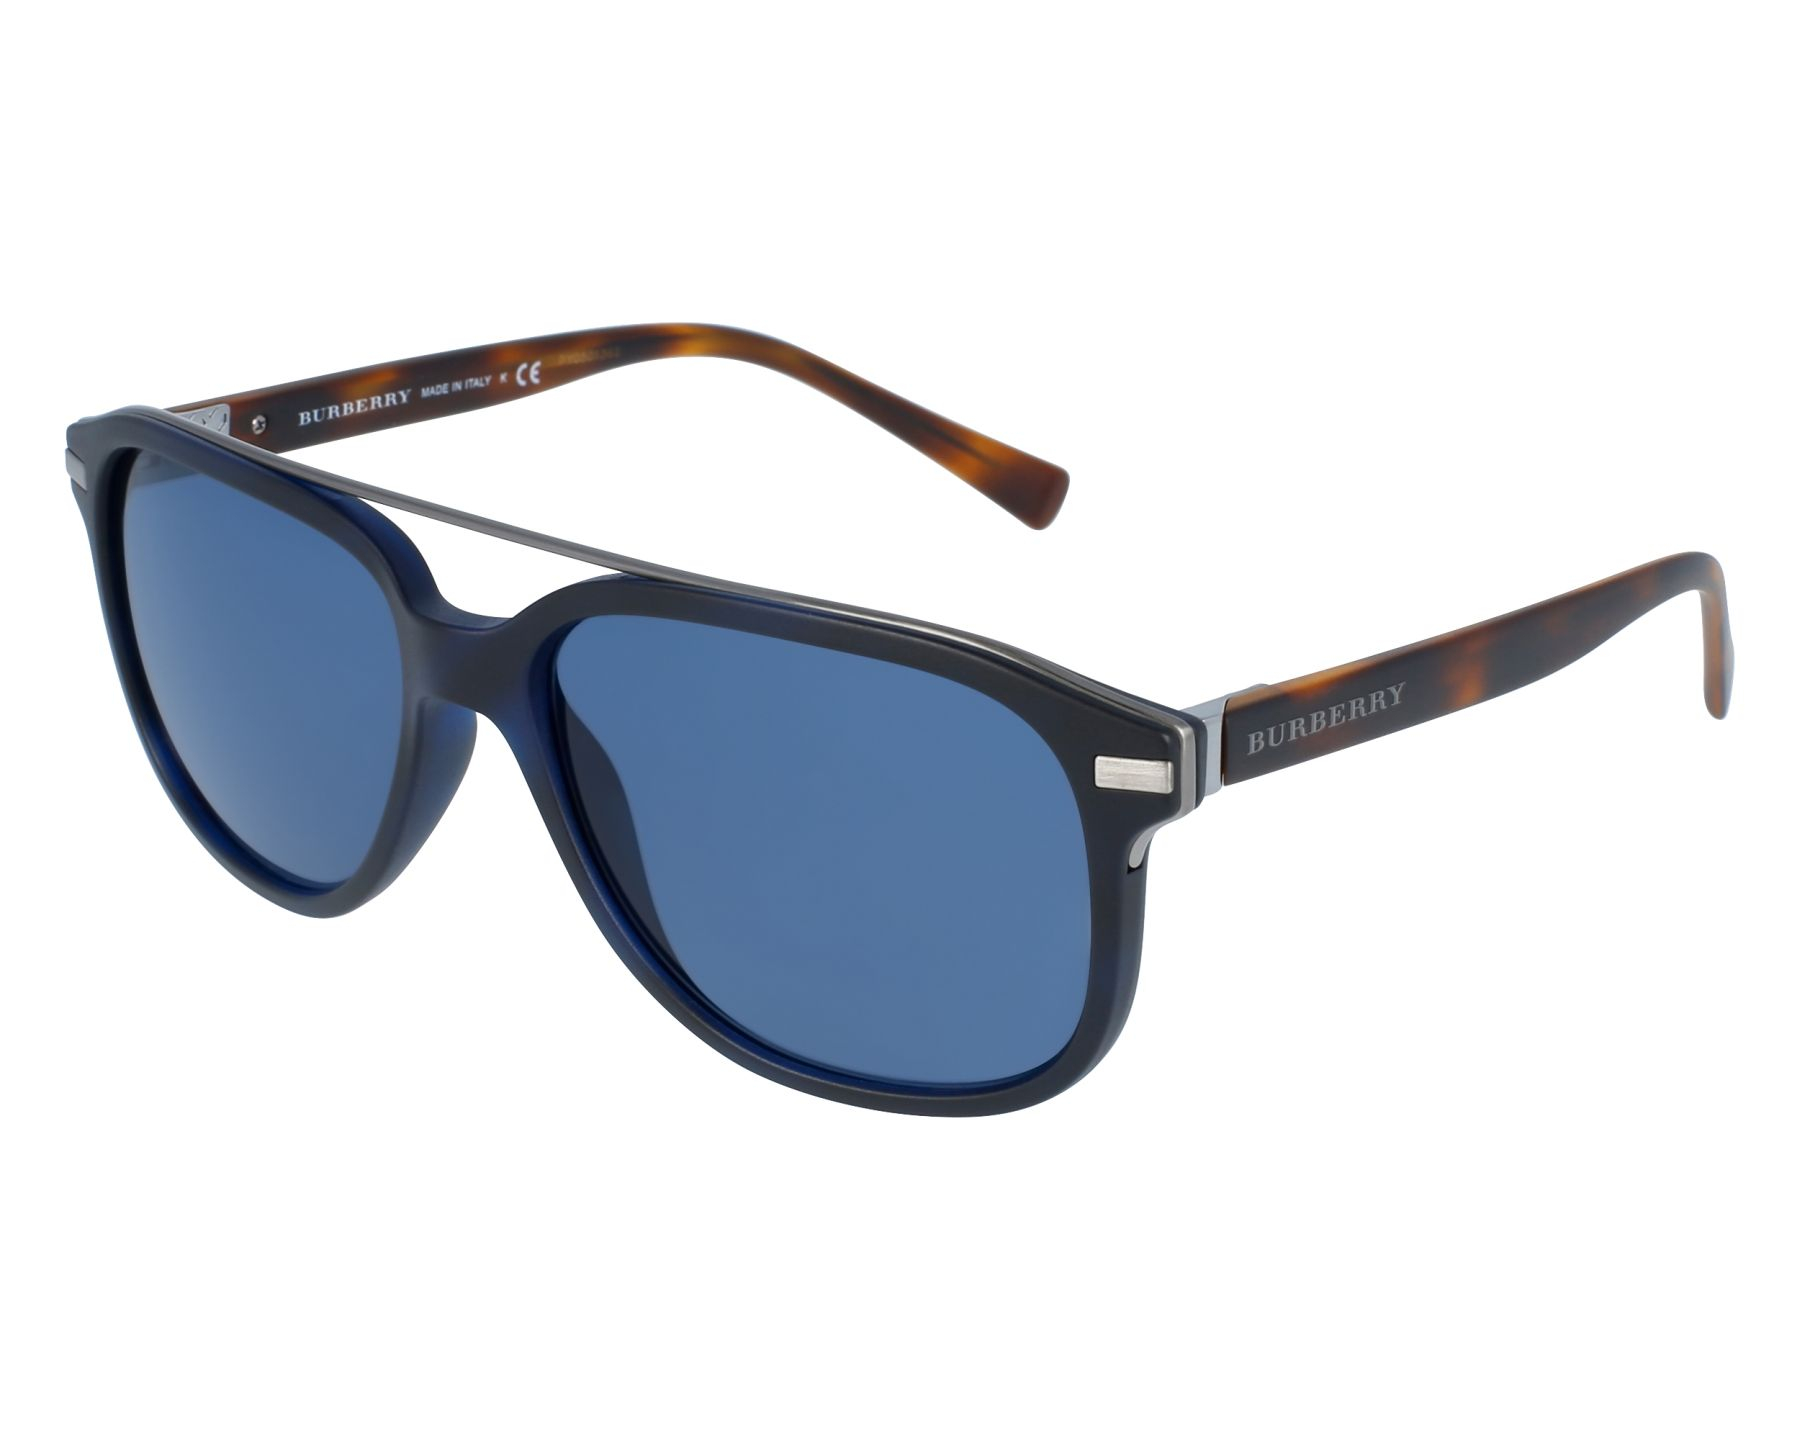 Burberry - Occhiale da Sole Uomo, Blu Matte Havana BE4233 362180 57